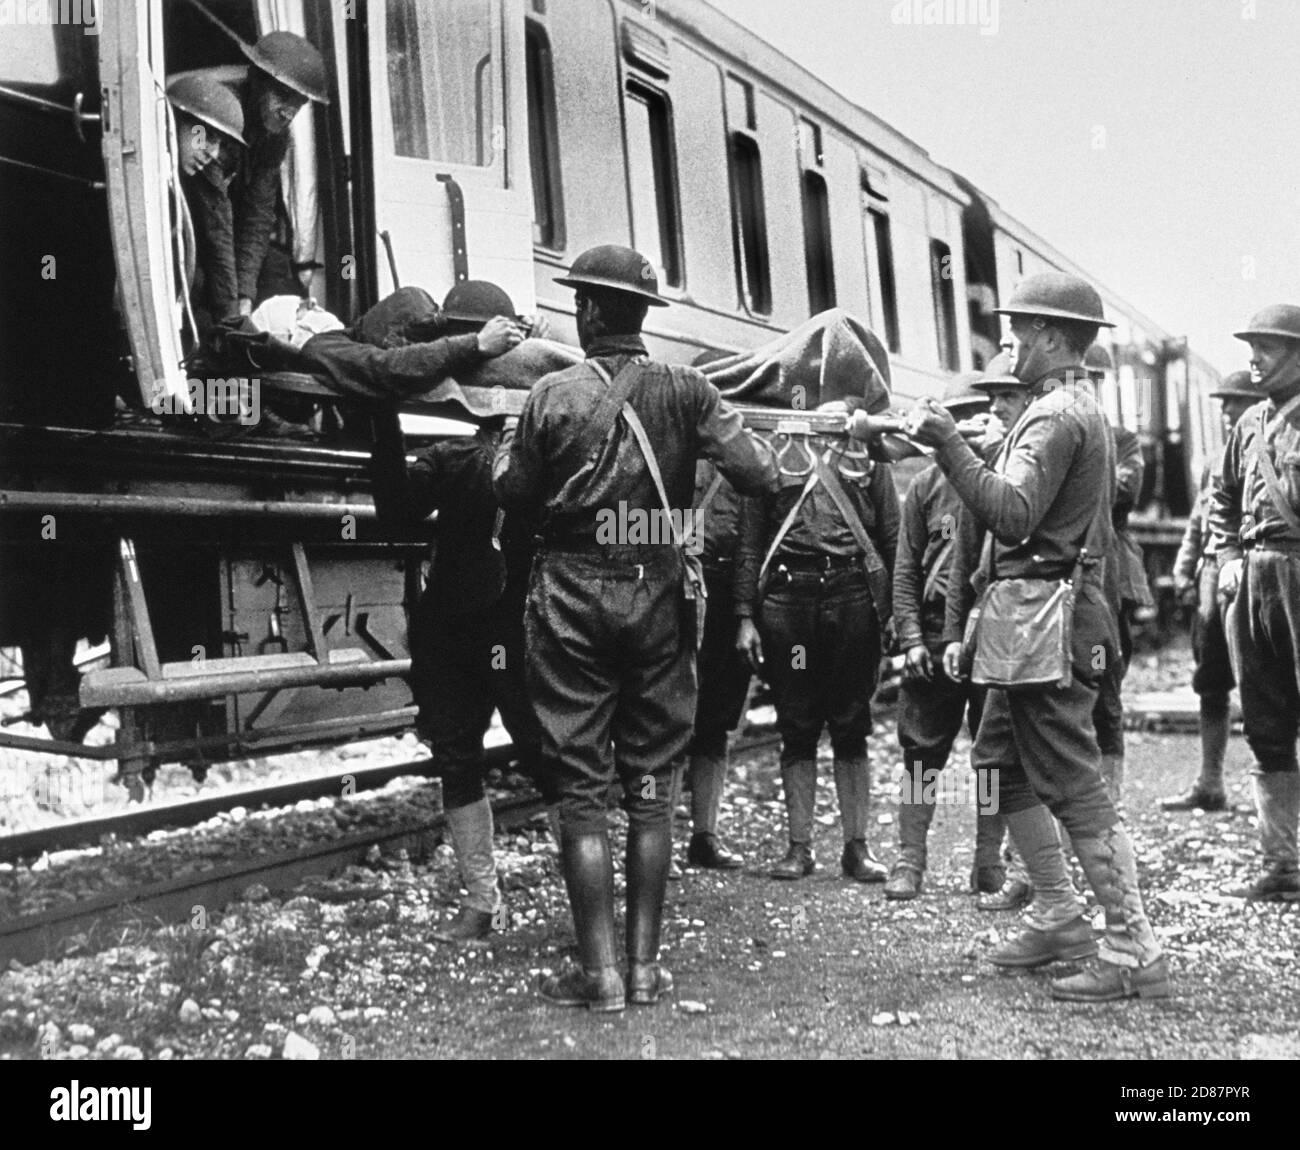 Groupe de soldats transportant des blessés à bord du train de l'hôpital, Herouville, France, U.S. Army signal corps, 27 avril 1918 Banque D'Images